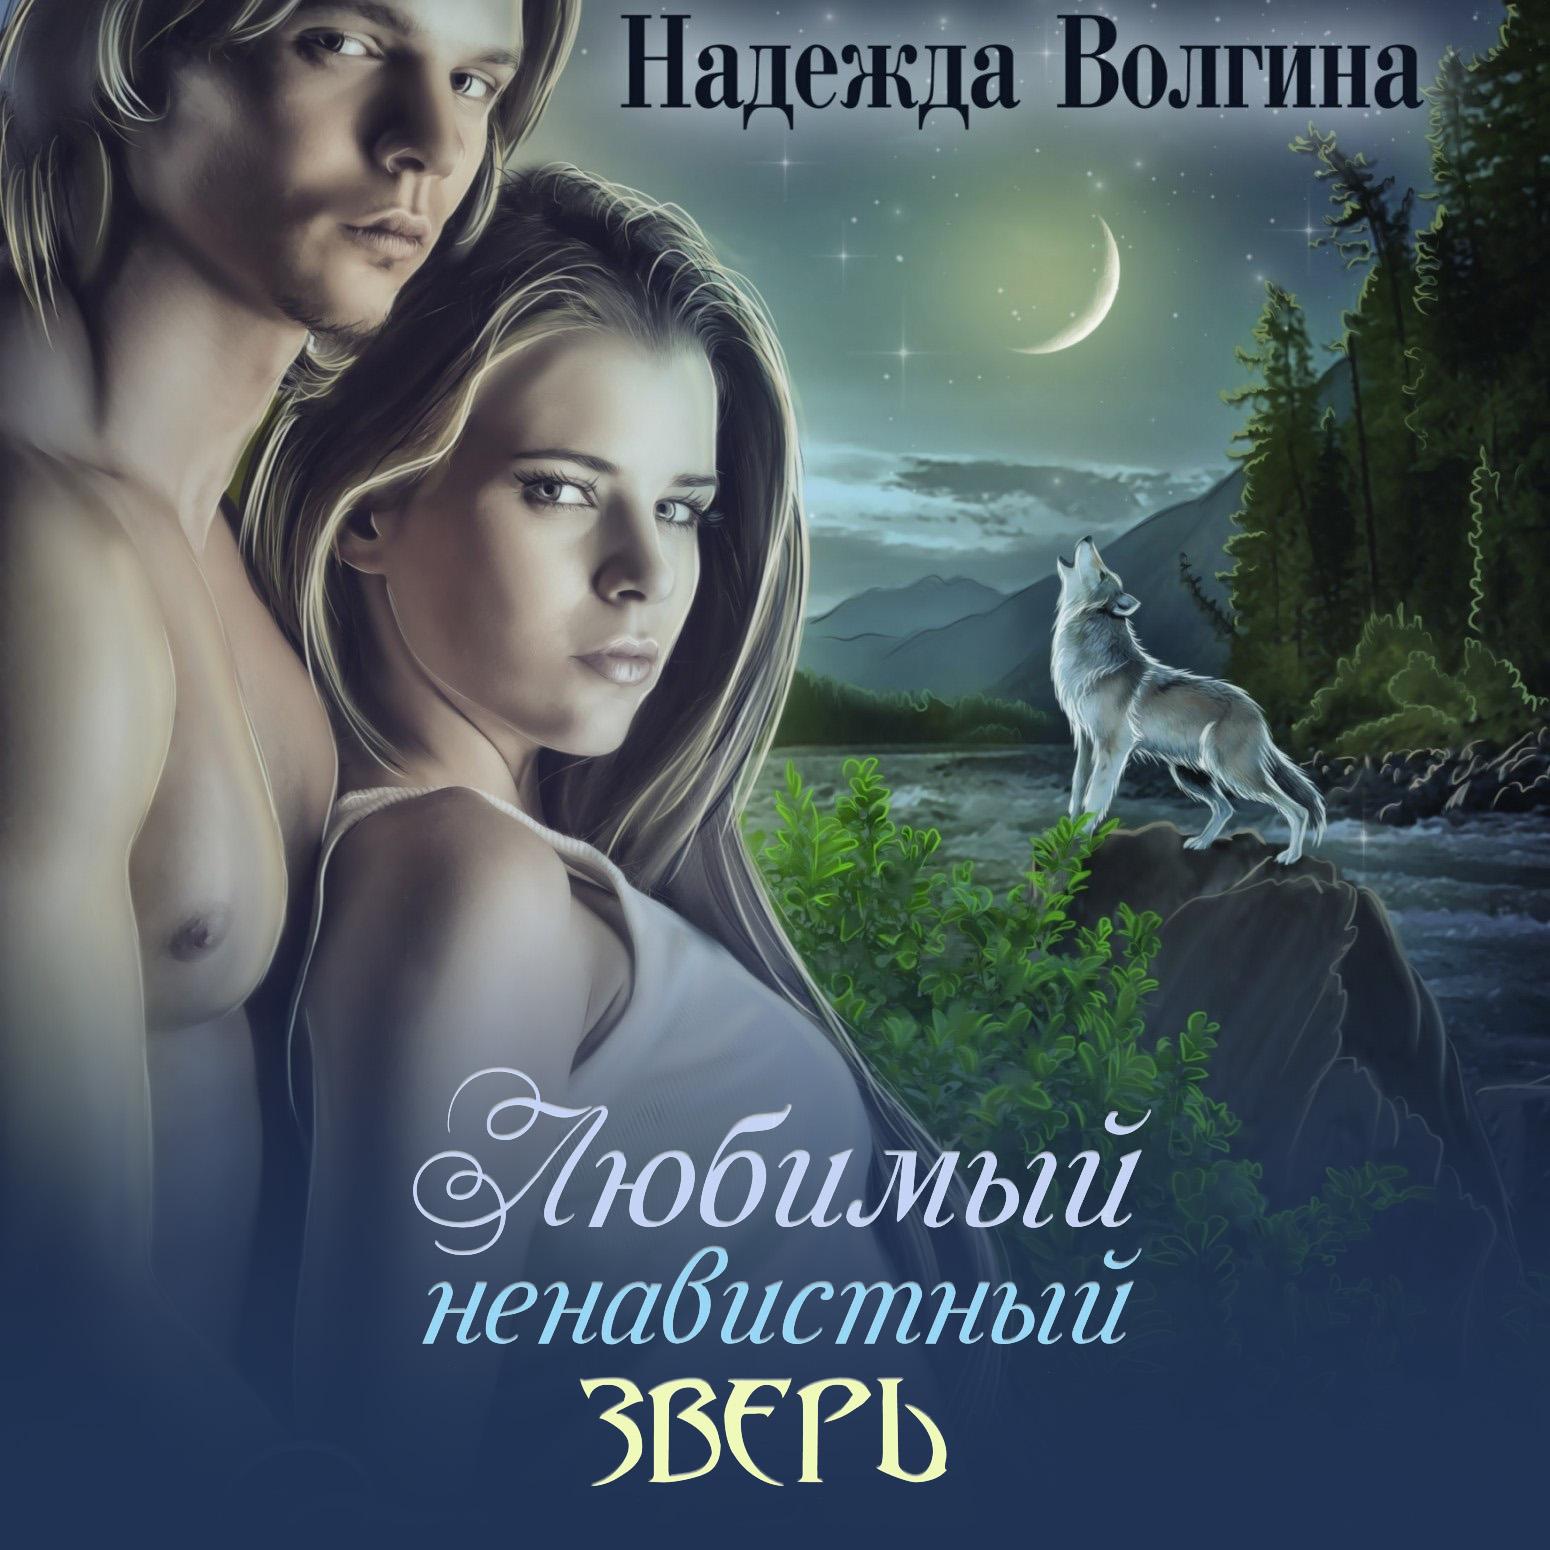 Фото - Надежда Волгина Любимый ненавистный зверь левицкий а я сталкер рождение зоны